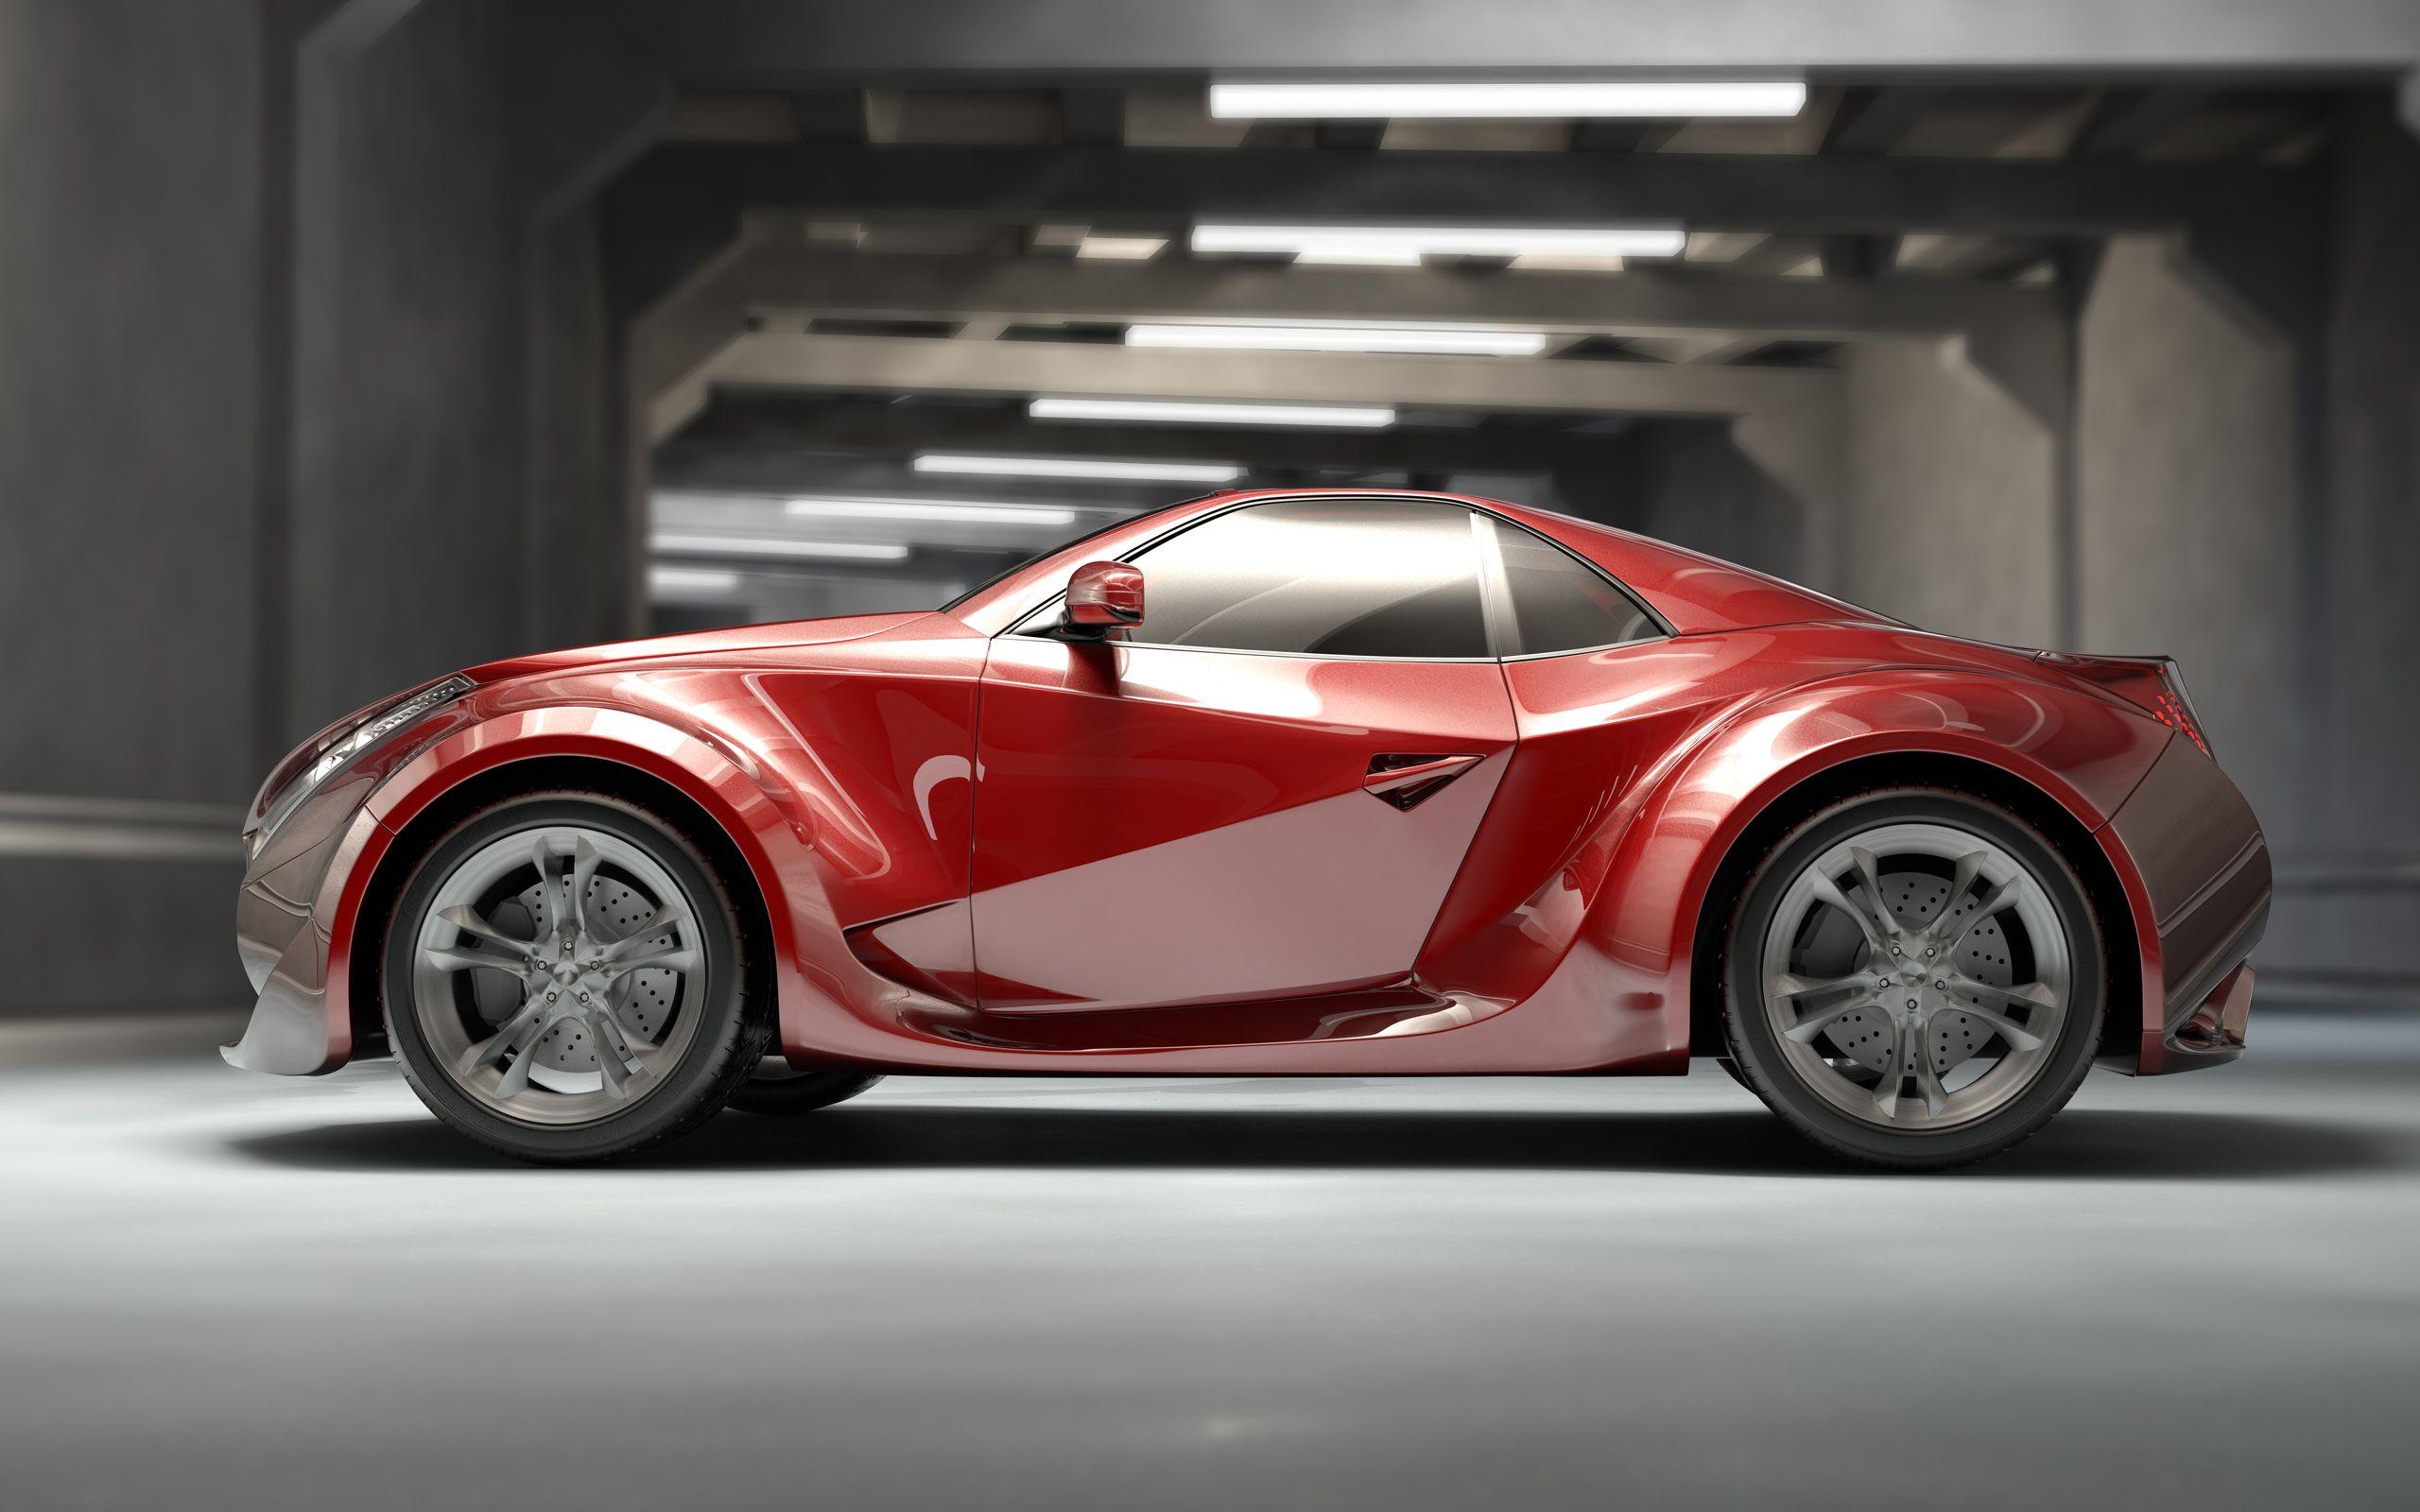 Vehicles Of The Future The Future Car Future Car Concept Cars Car